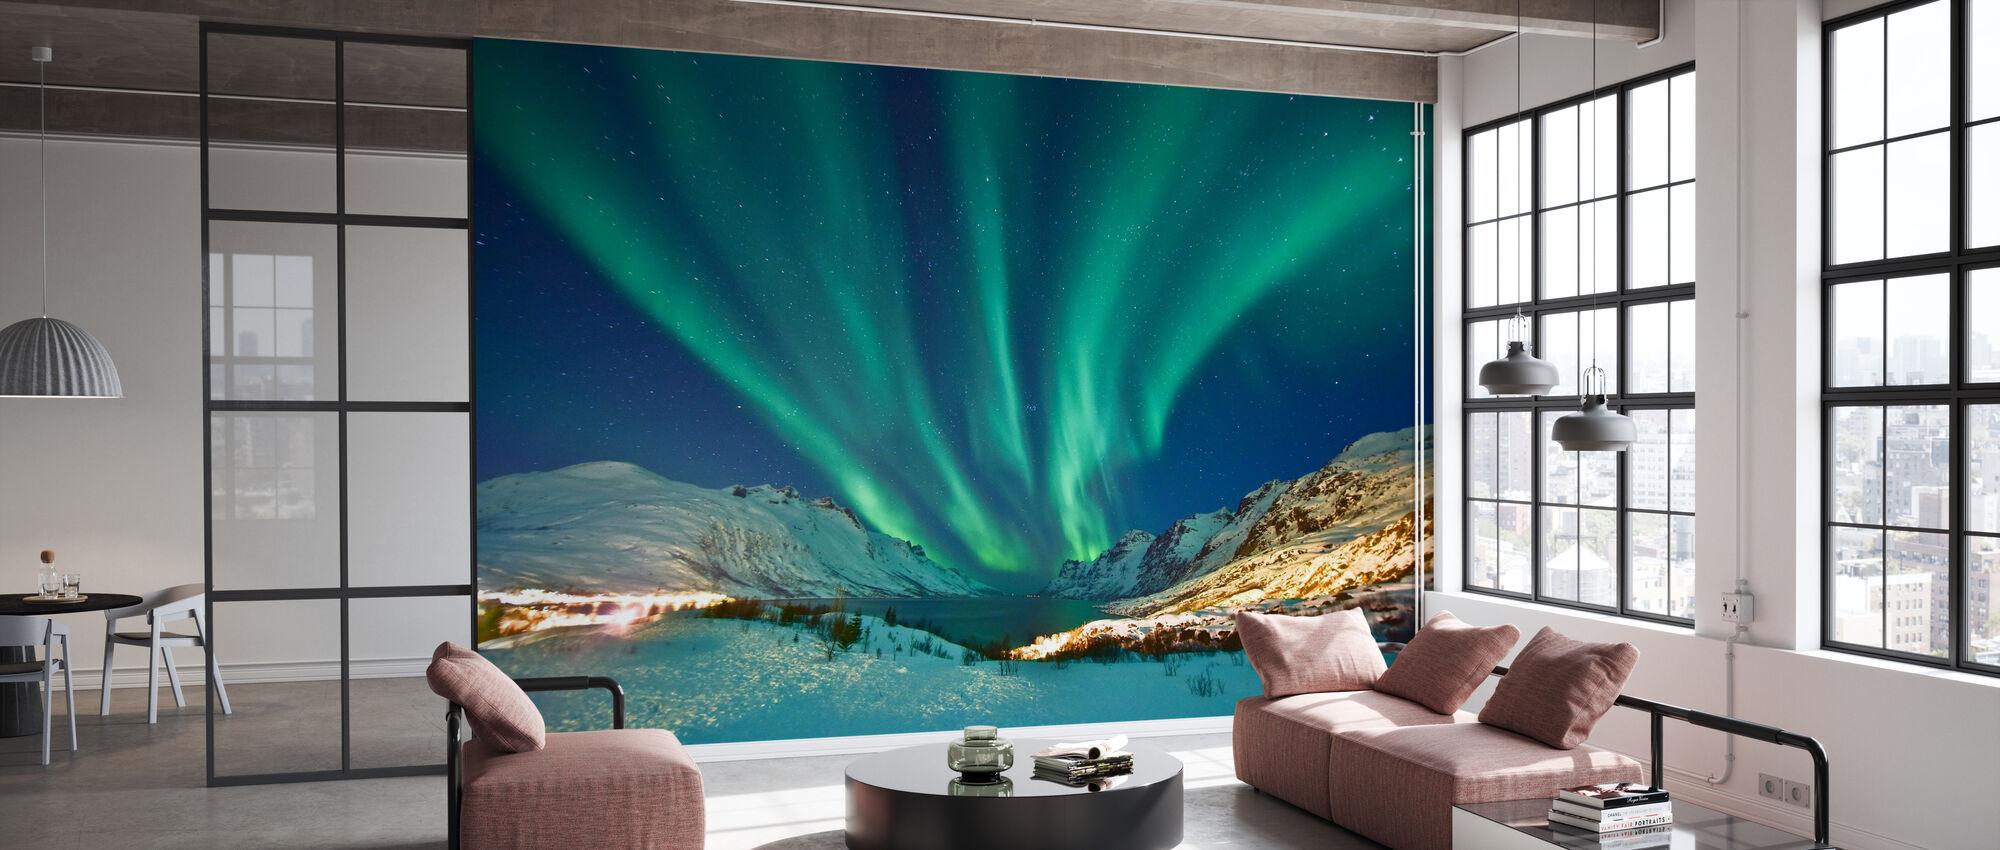 Aurora Borealis - Tapetti - Toimisto